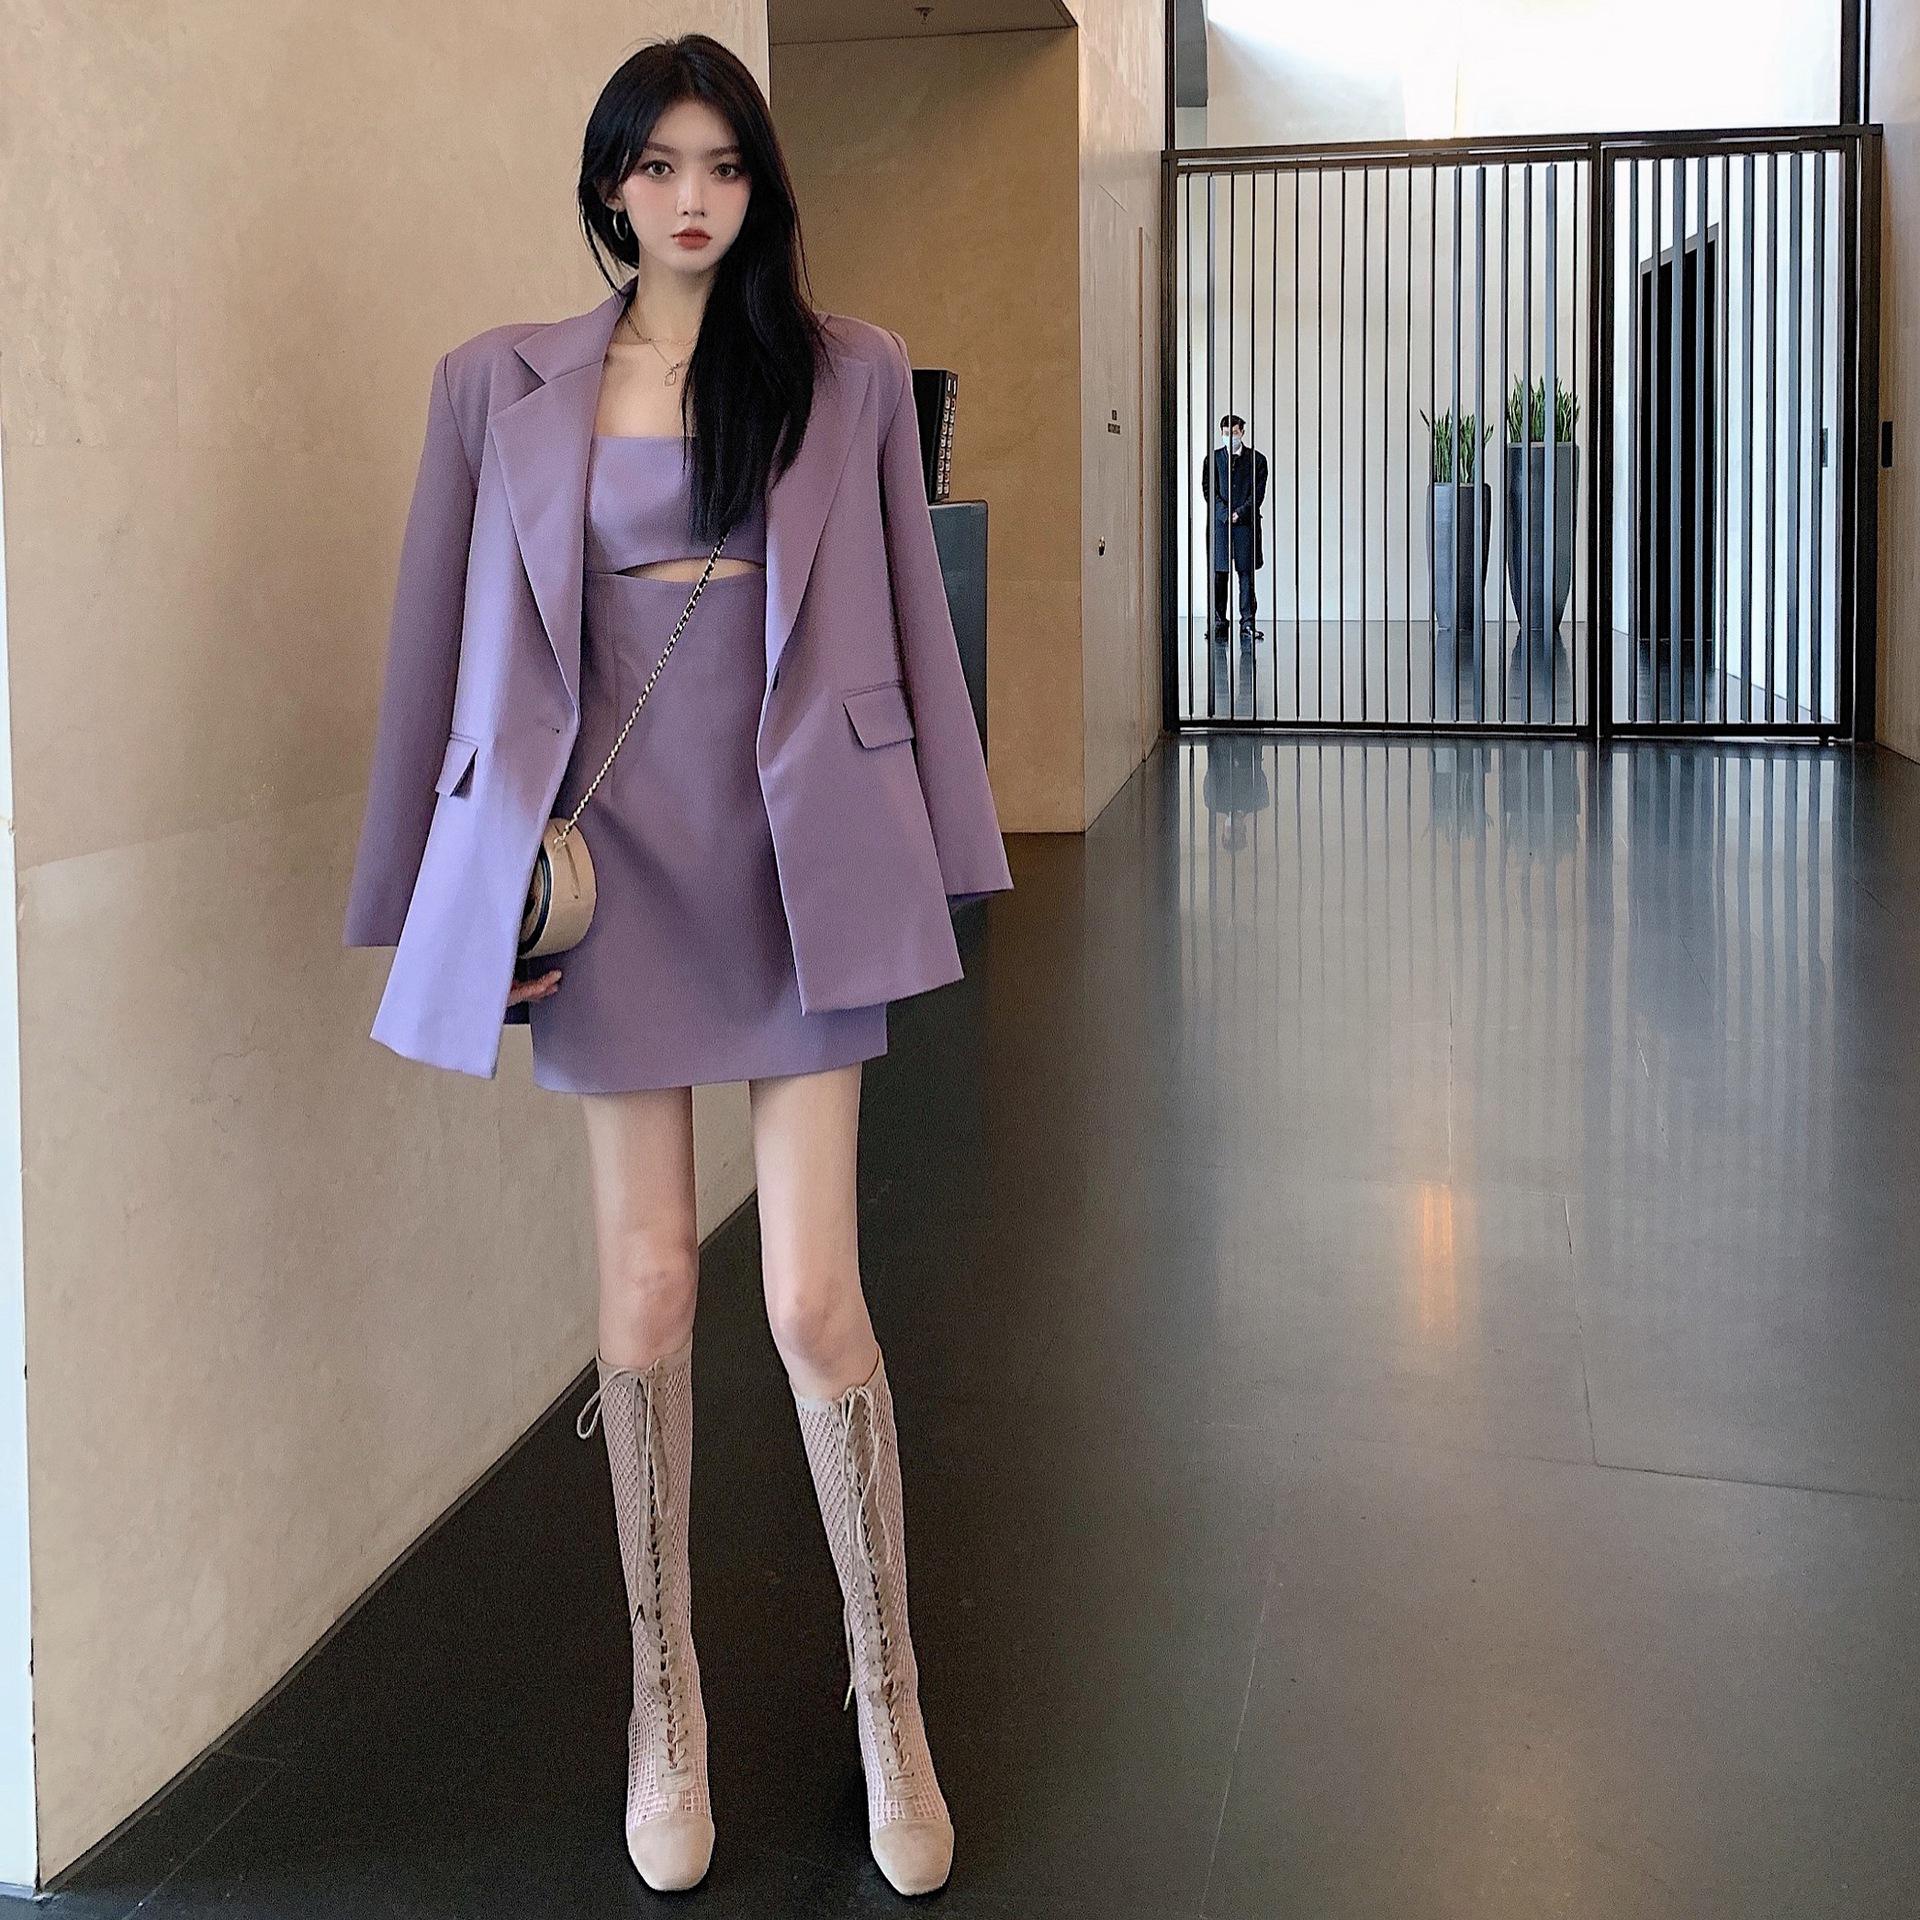 紫色小西装 2021西装外套宽松休闲薄款小西服紫色中长款上衣纯色吊带_推荐淘宝好看的紫色小西装